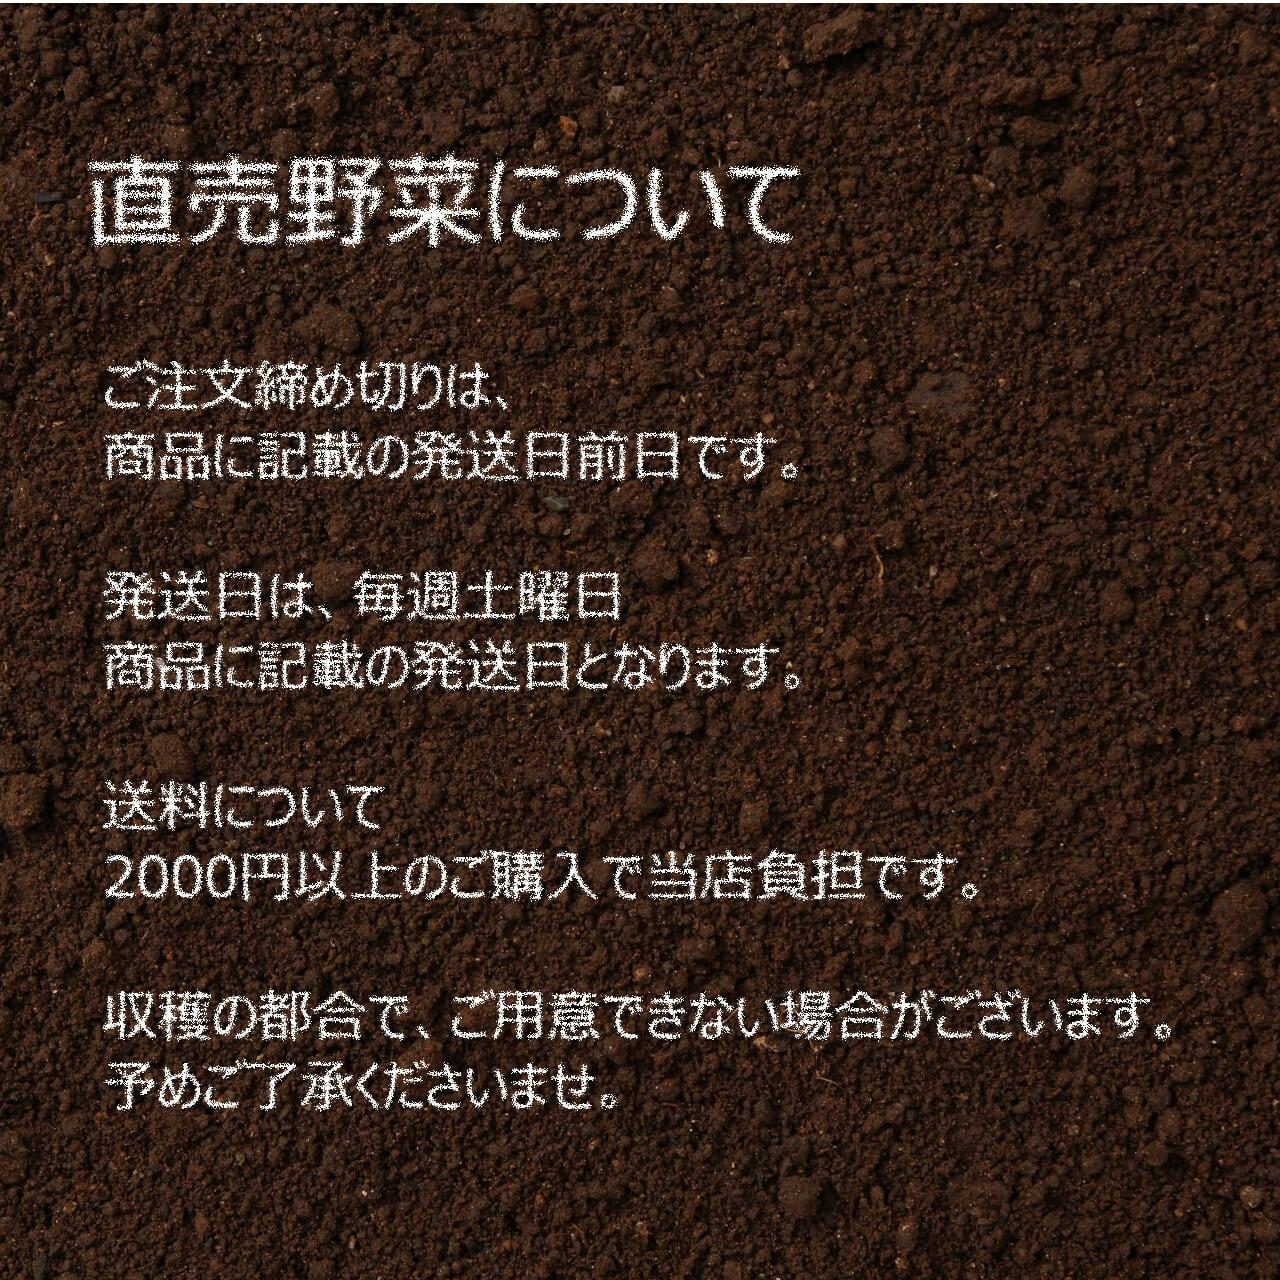 大葉 約100g : 7月の朝採り直売野菜  新鮮な夏野菜 7月17日発送予定